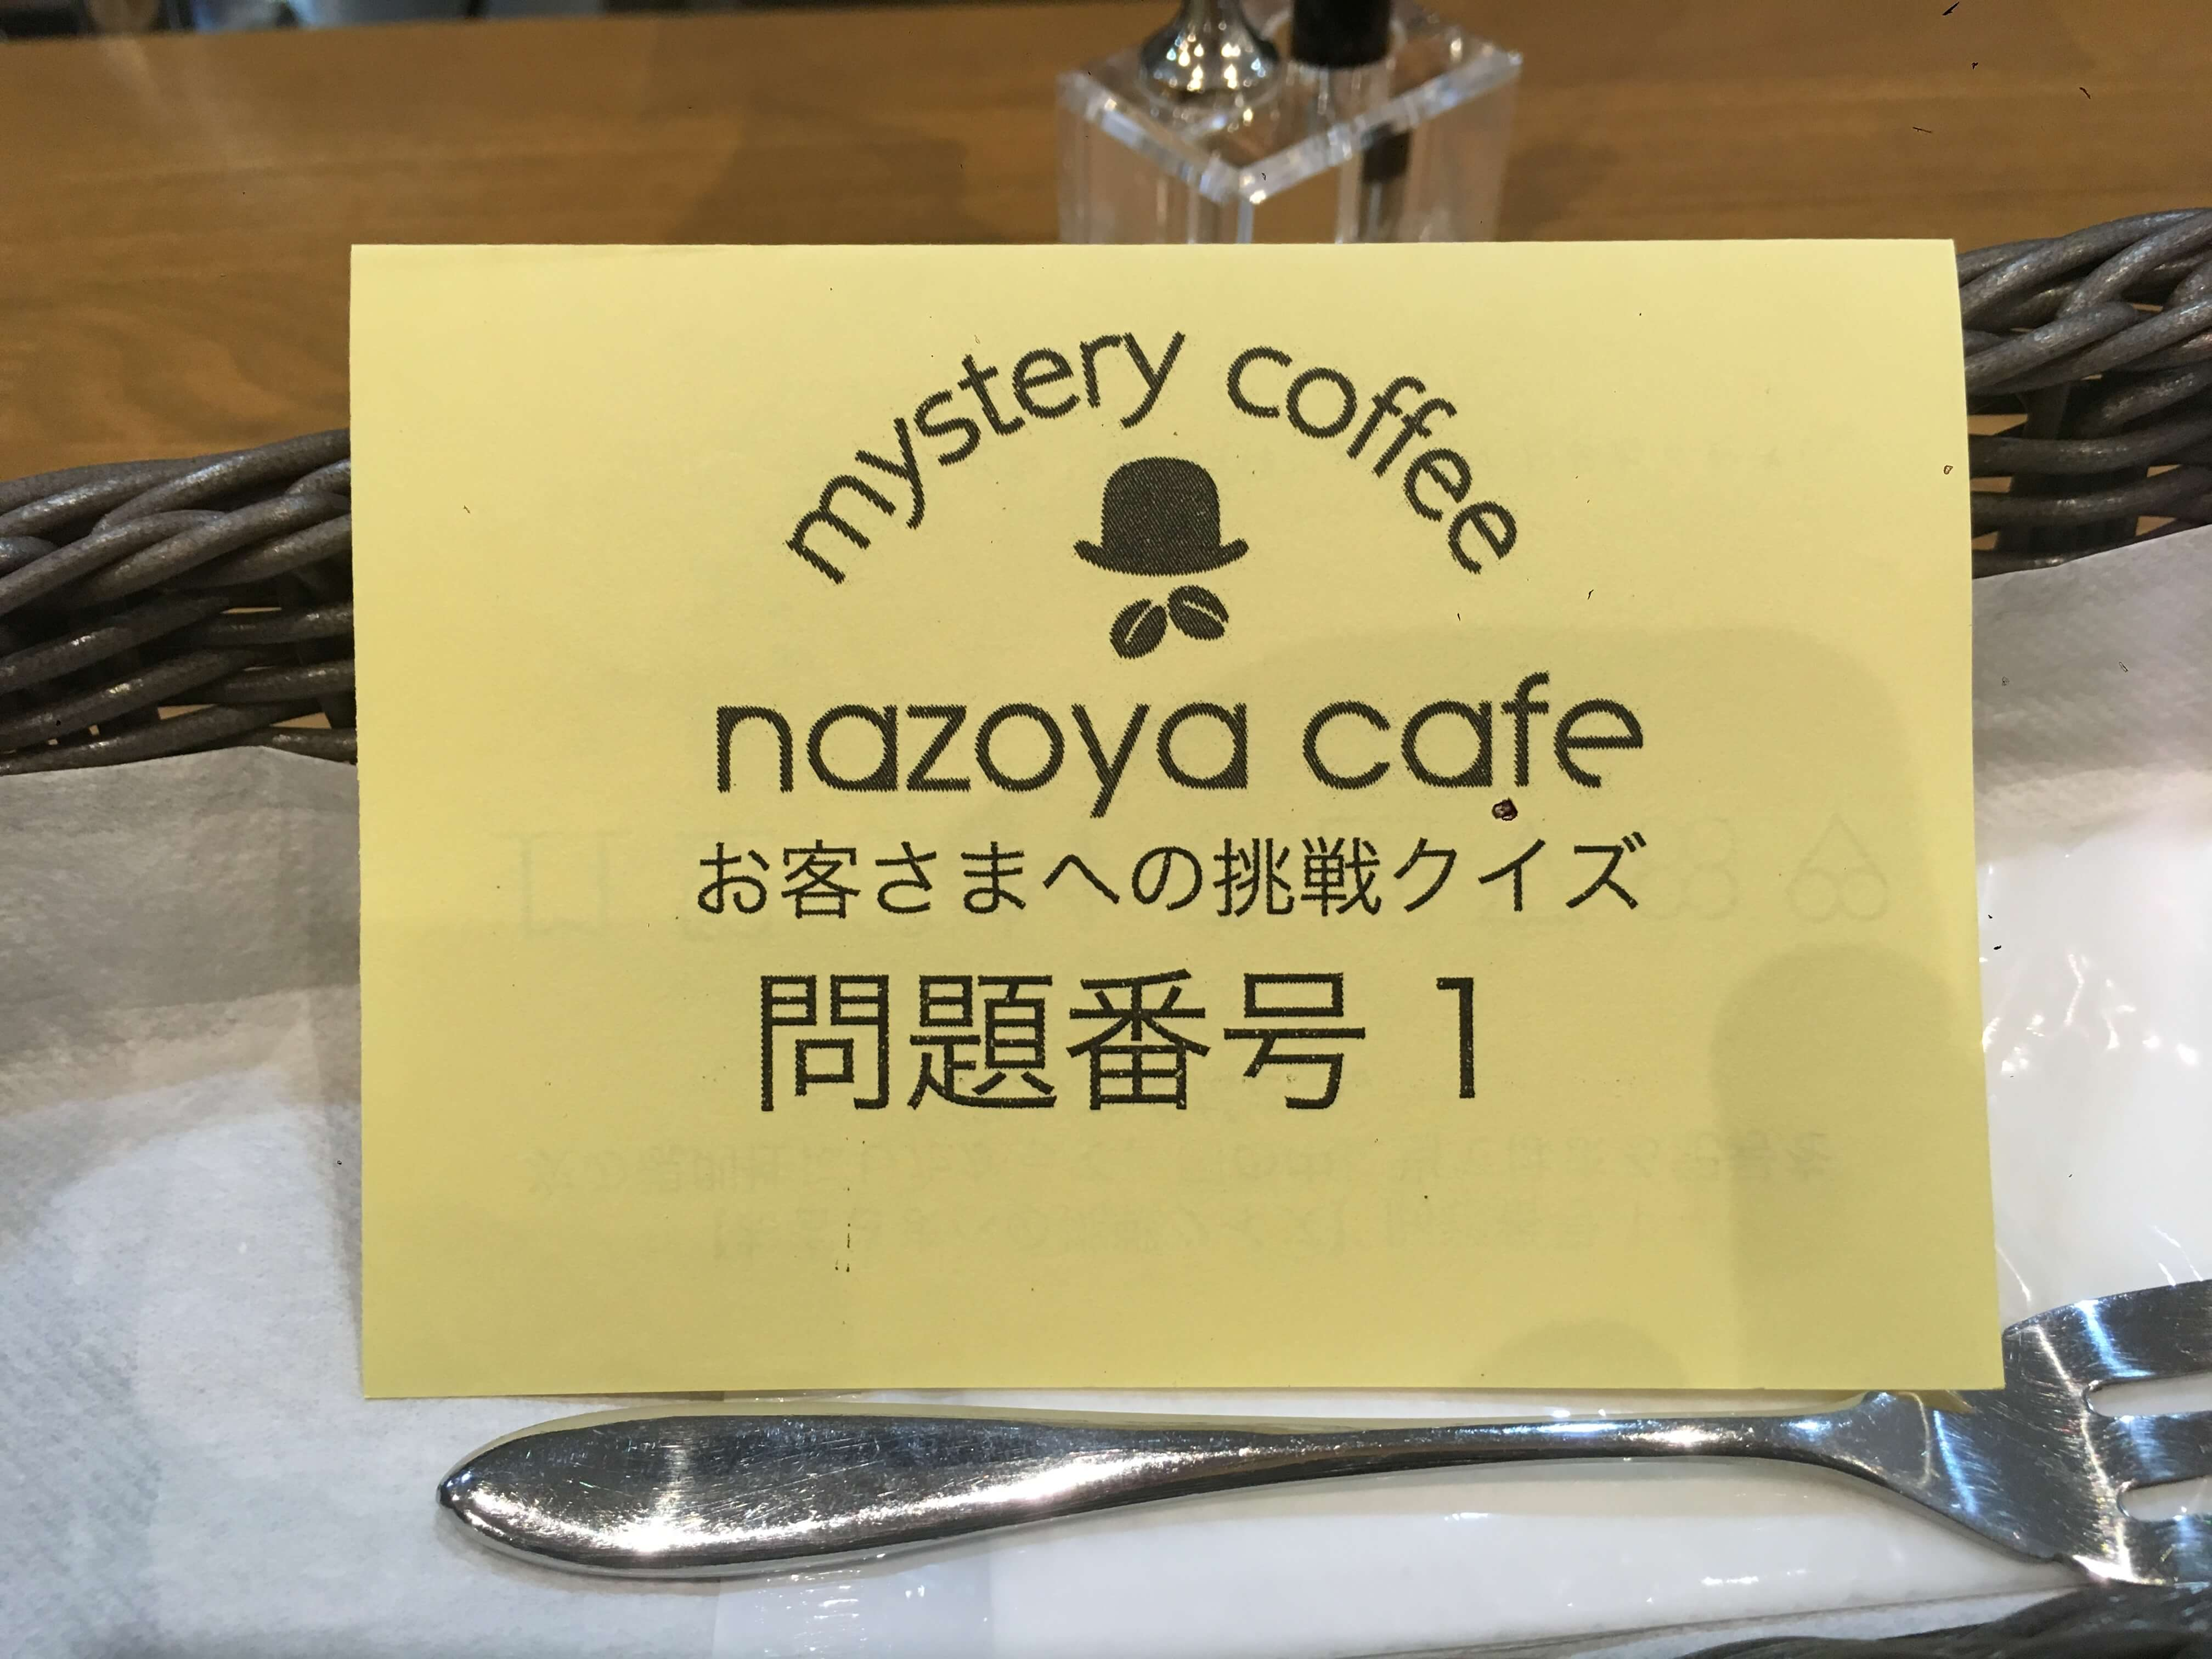 謎解きはコーヒーとともに?! @ 謎屋珈琲店